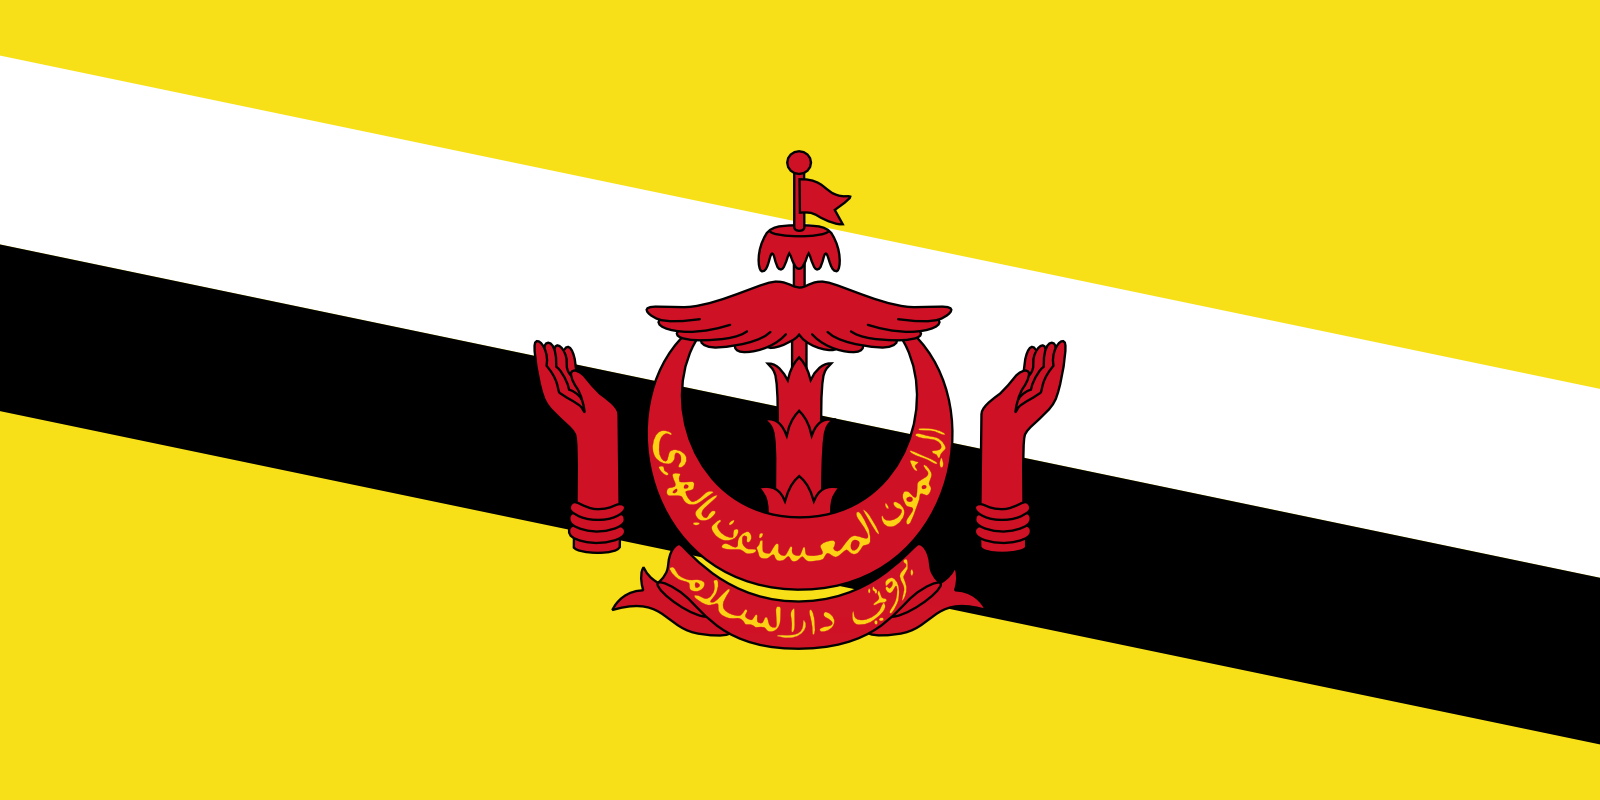 Banderas HD de todos los paises | Banderas, Del sur y Banderin